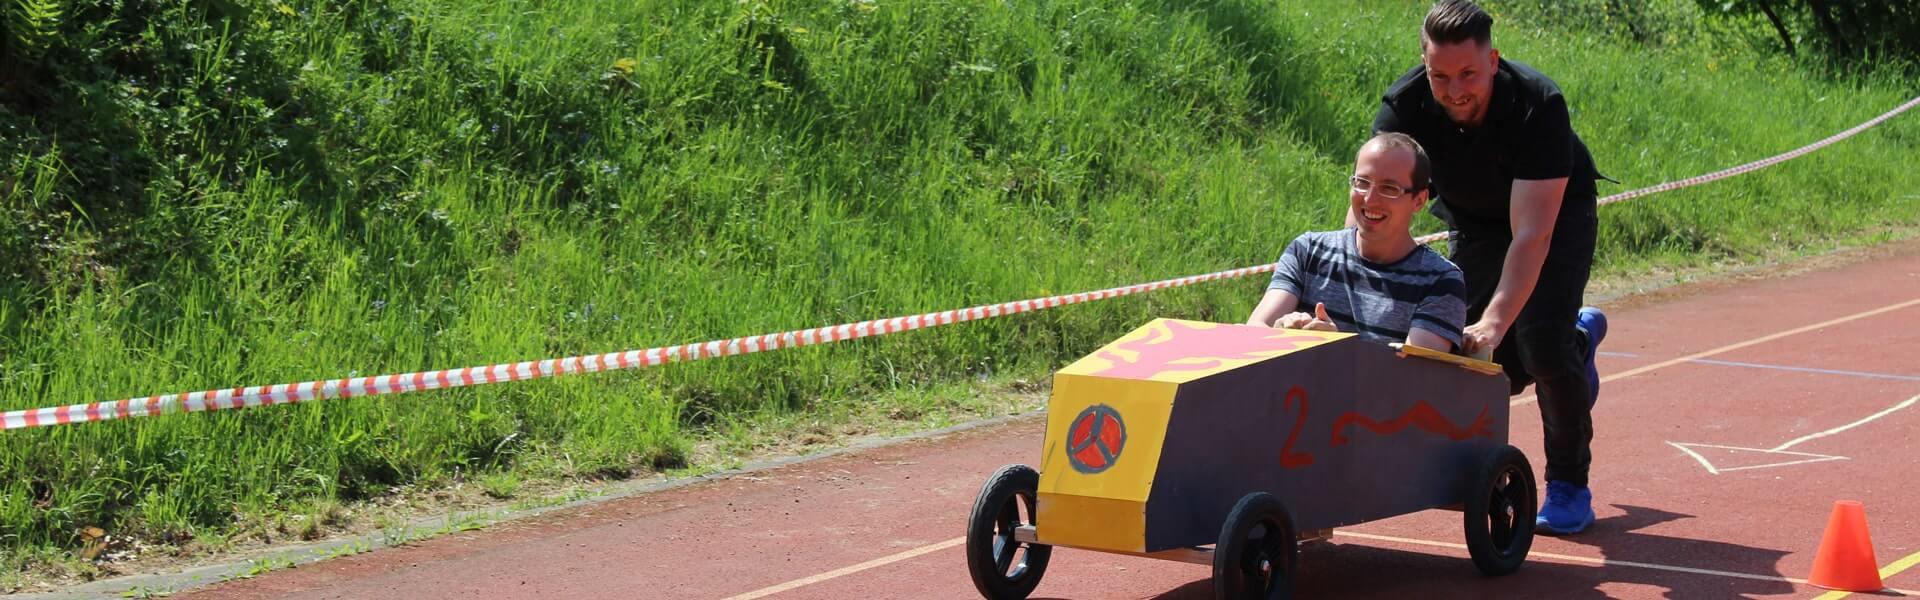 Seifenkistenrennen mit b-ceed als aktiv-kreative Betriebsausflug Idee